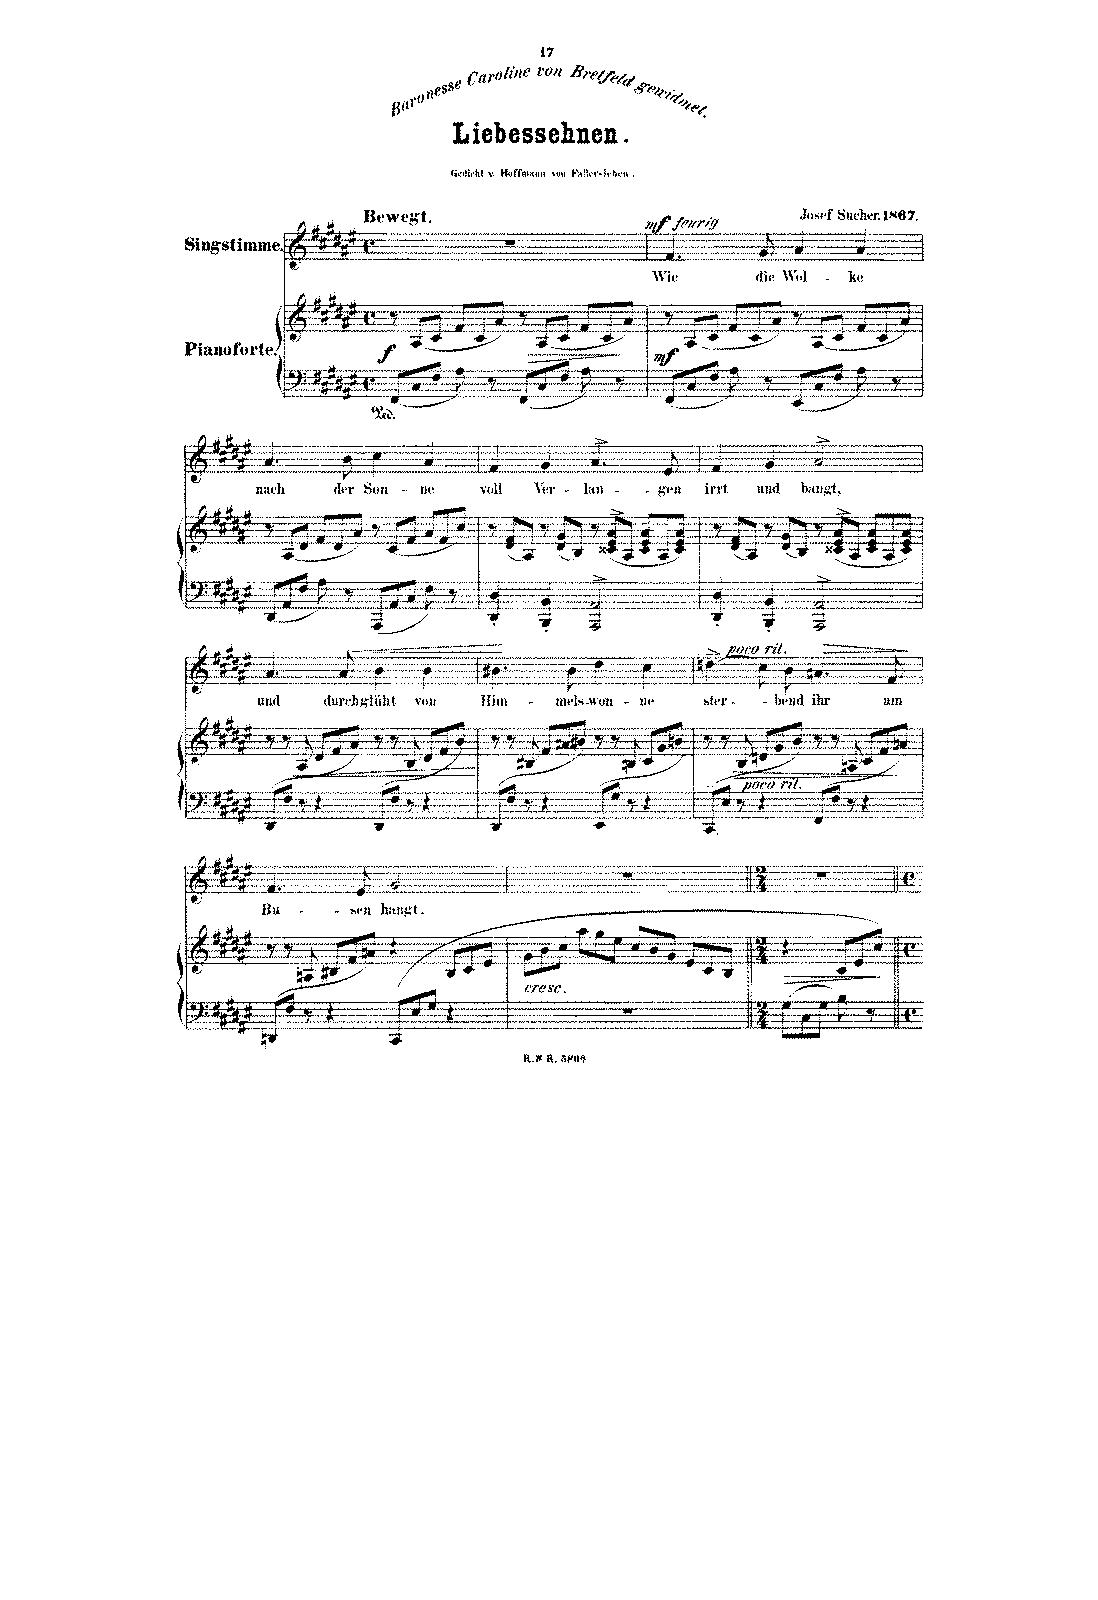 Liebessehnen (Sucher, Josef) - IMSLP/Petrucci Music Library: Free